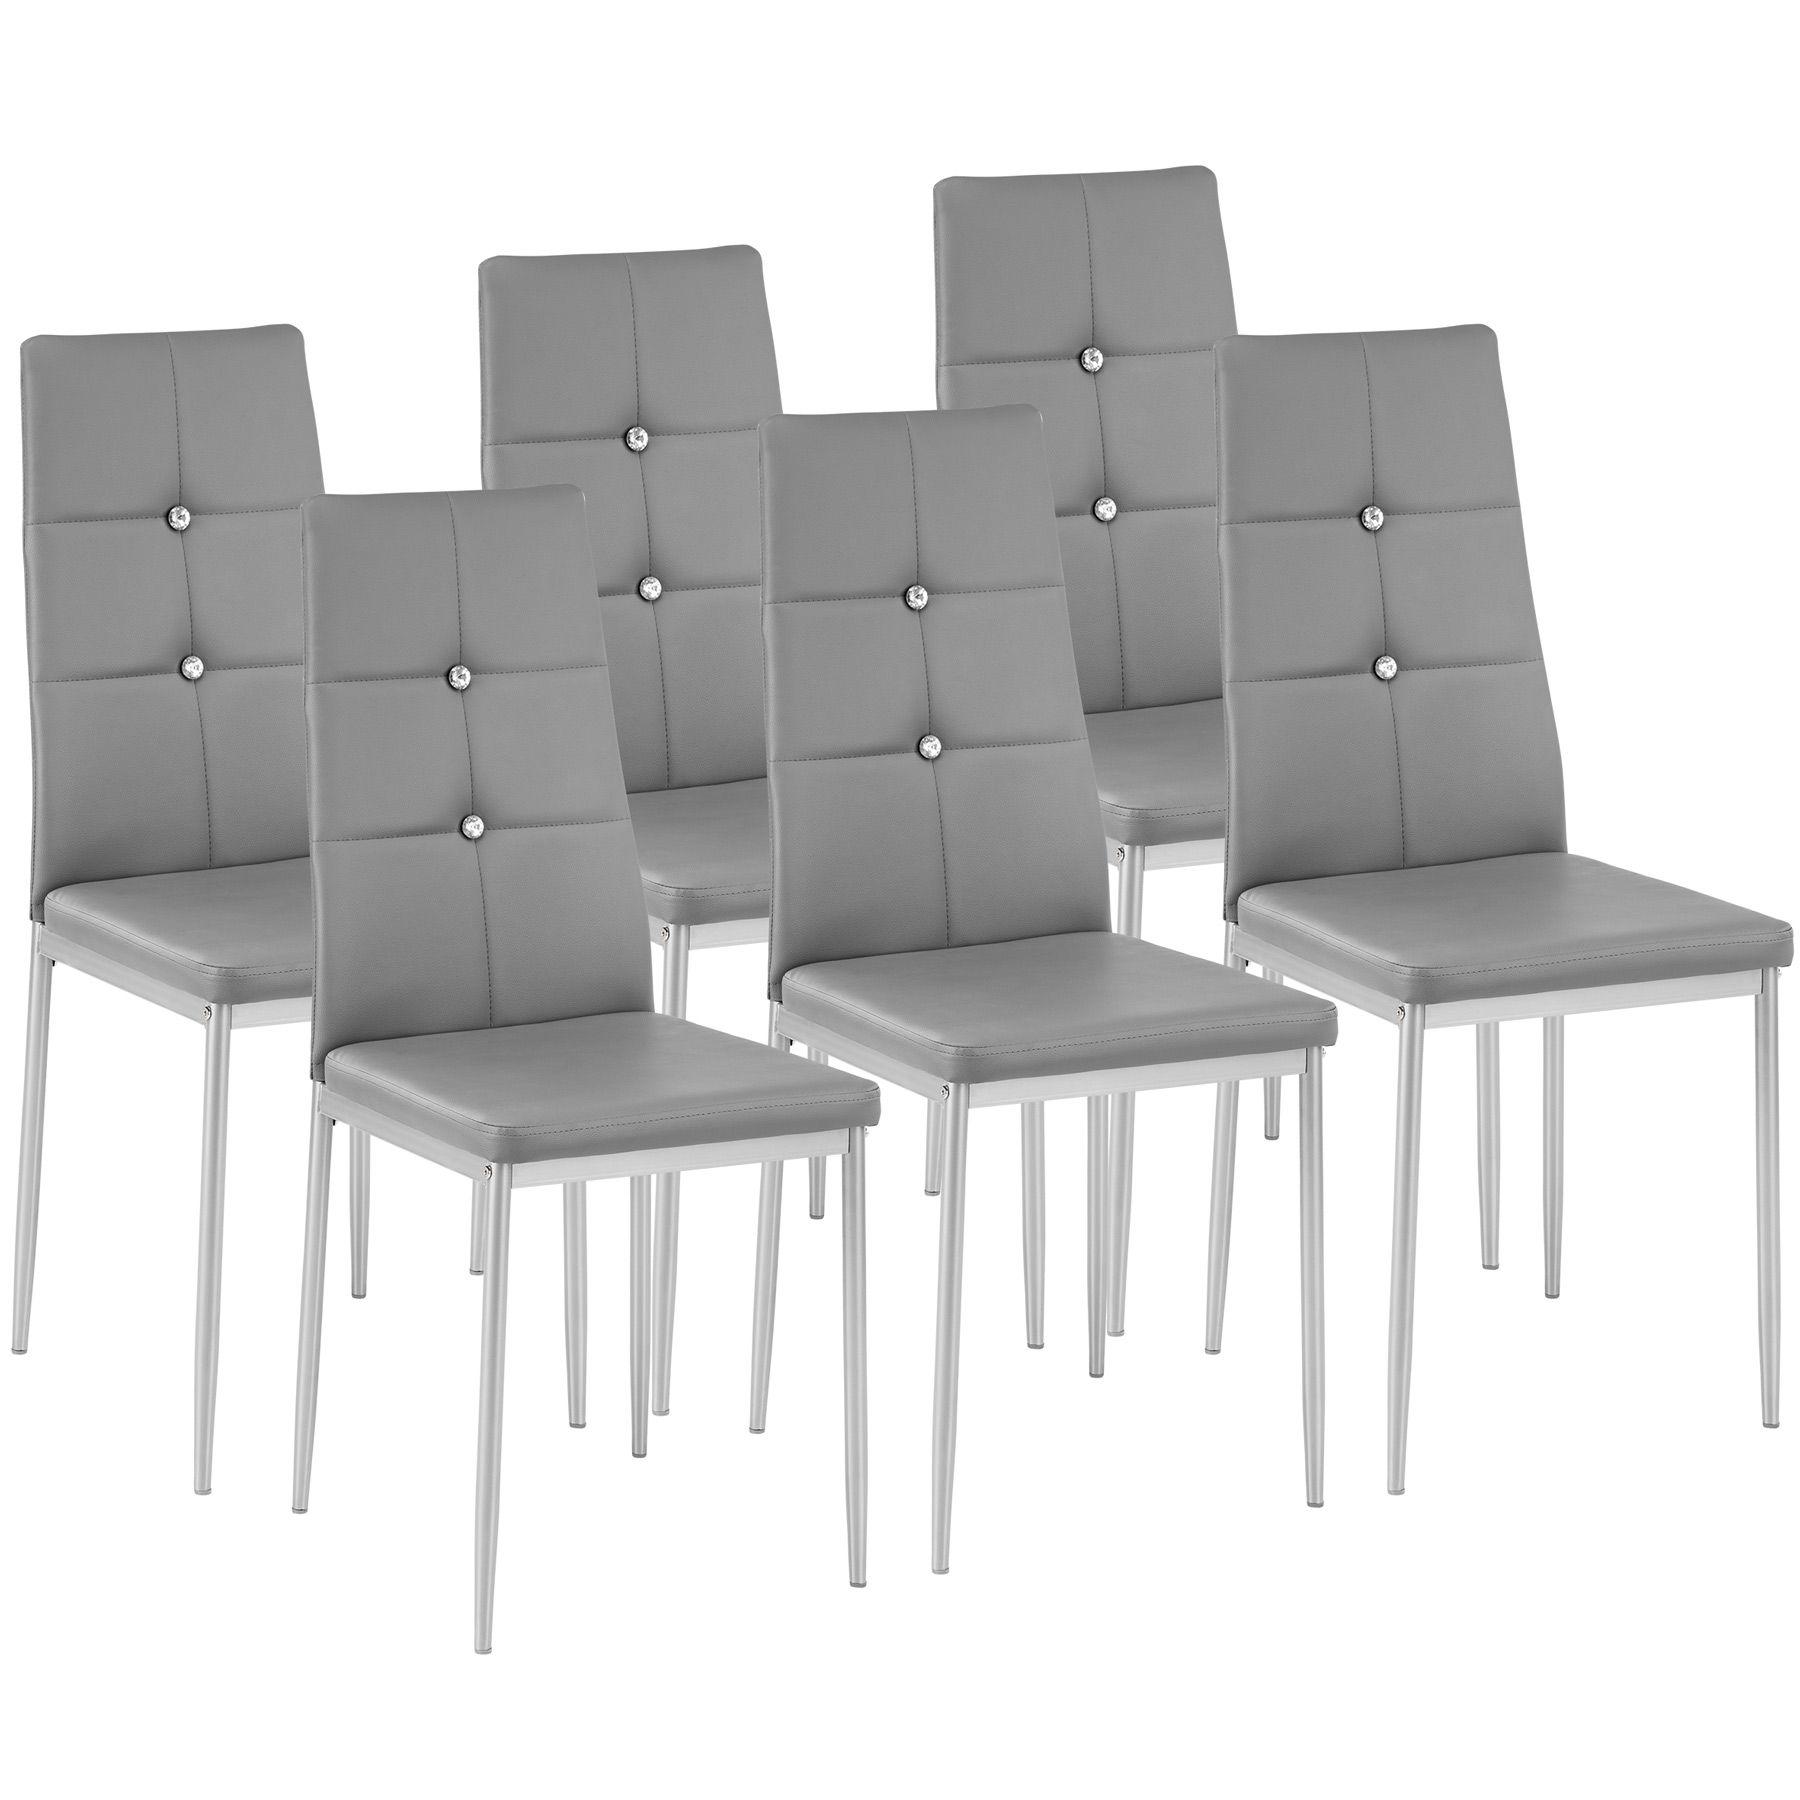 meuble sur Détails de cuisine manger design Chaise à chaises salle gris de ensemble salon 6x N0mwvO8n